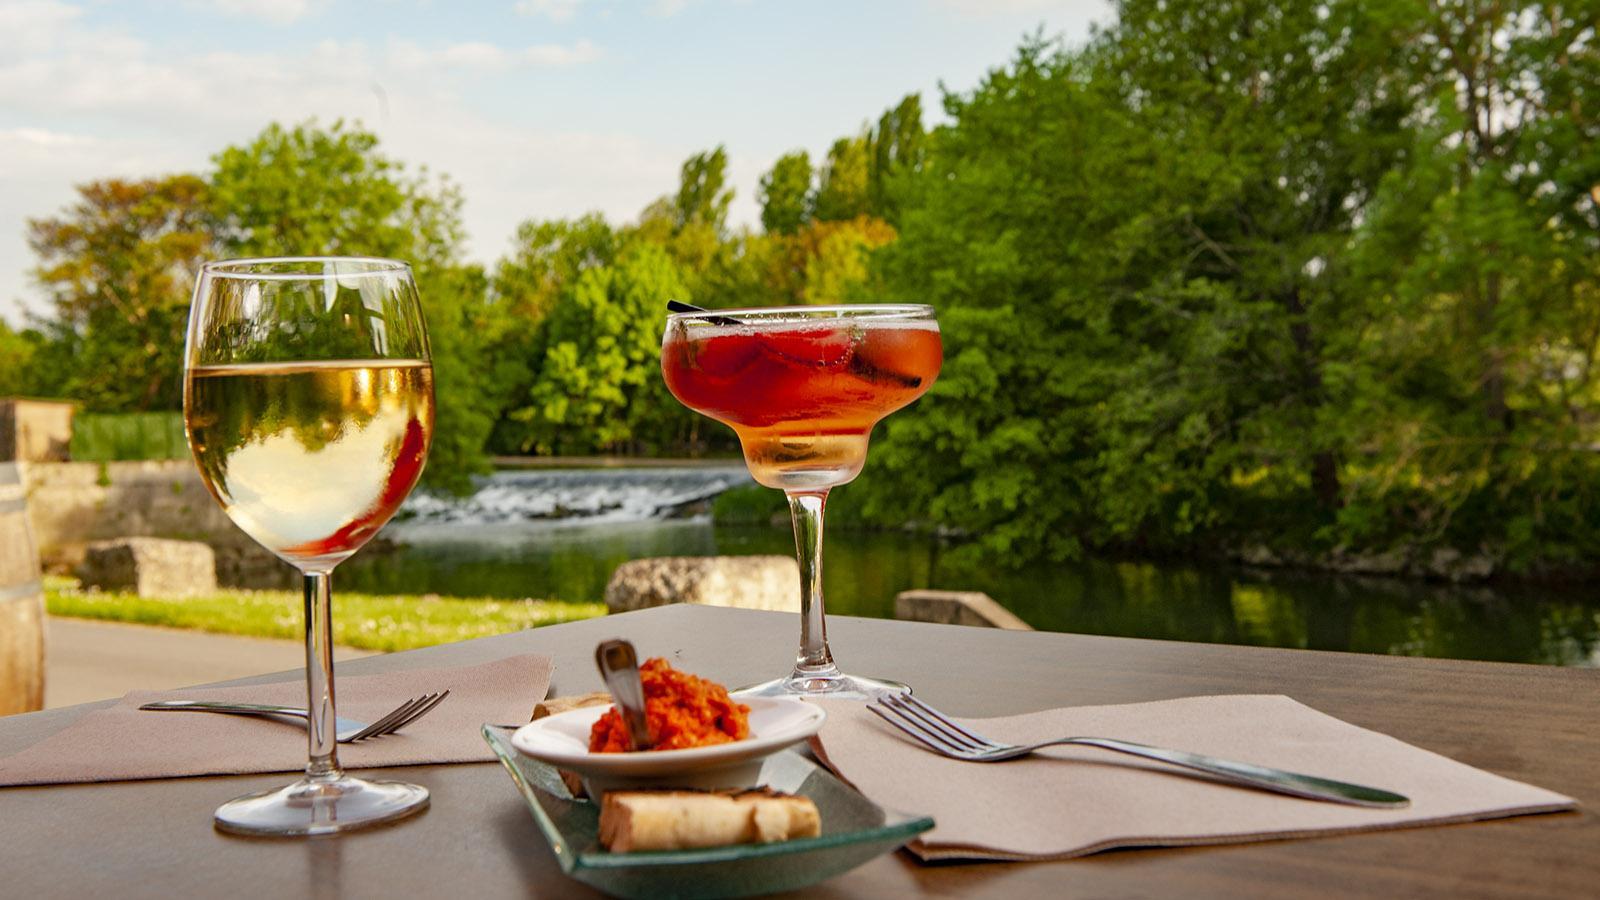 Apéro mit Weißwein und La Godinette in La Tonnellerie. Foto: Hilke Maunder